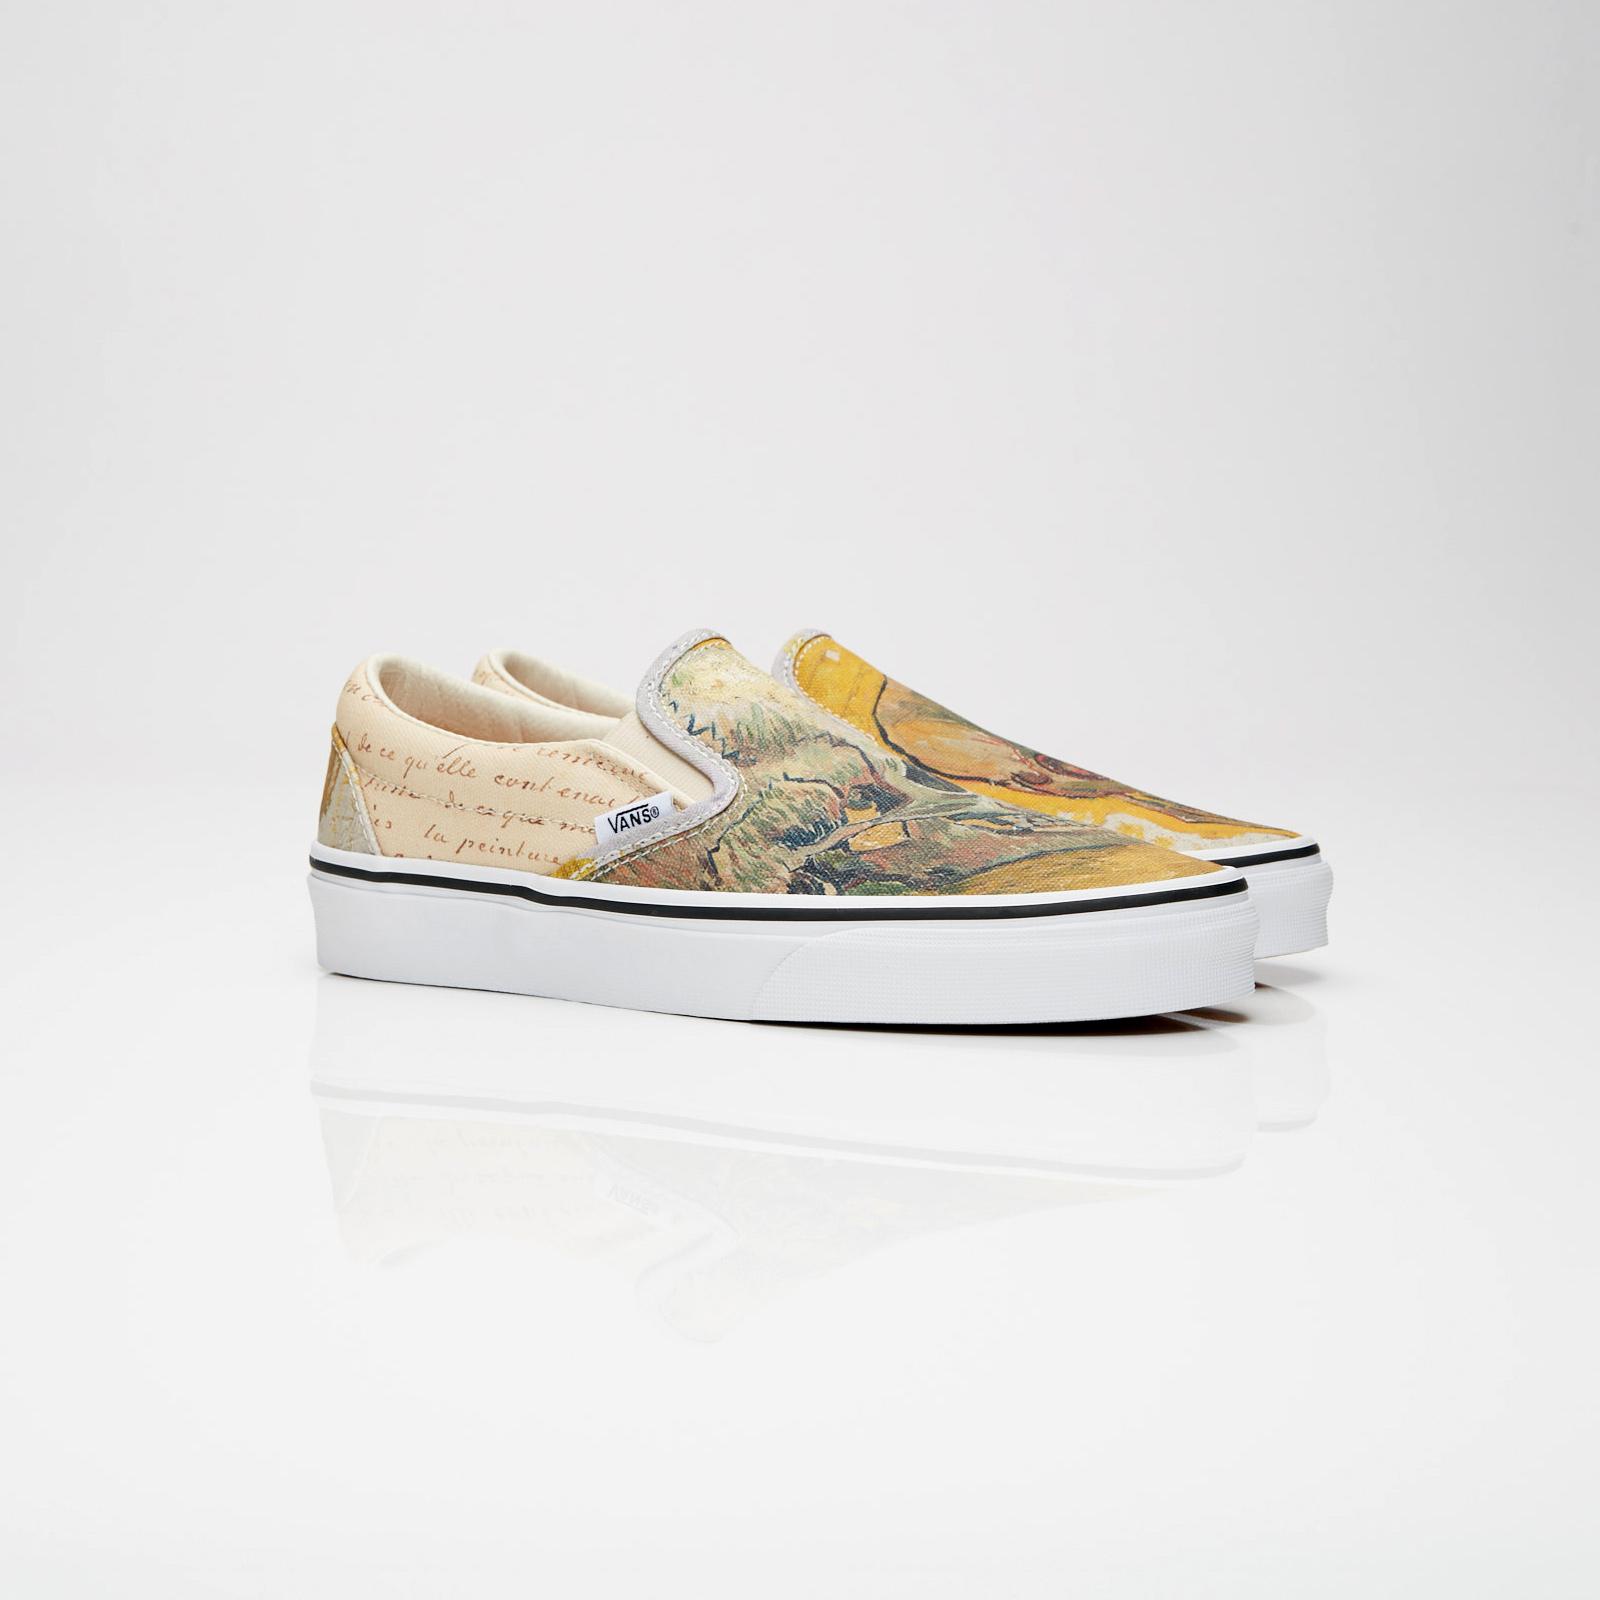 d22634b3dd Vans Vincent Van Gogh Slip-On - Va38f7u48 - Sneakersnstuff ...